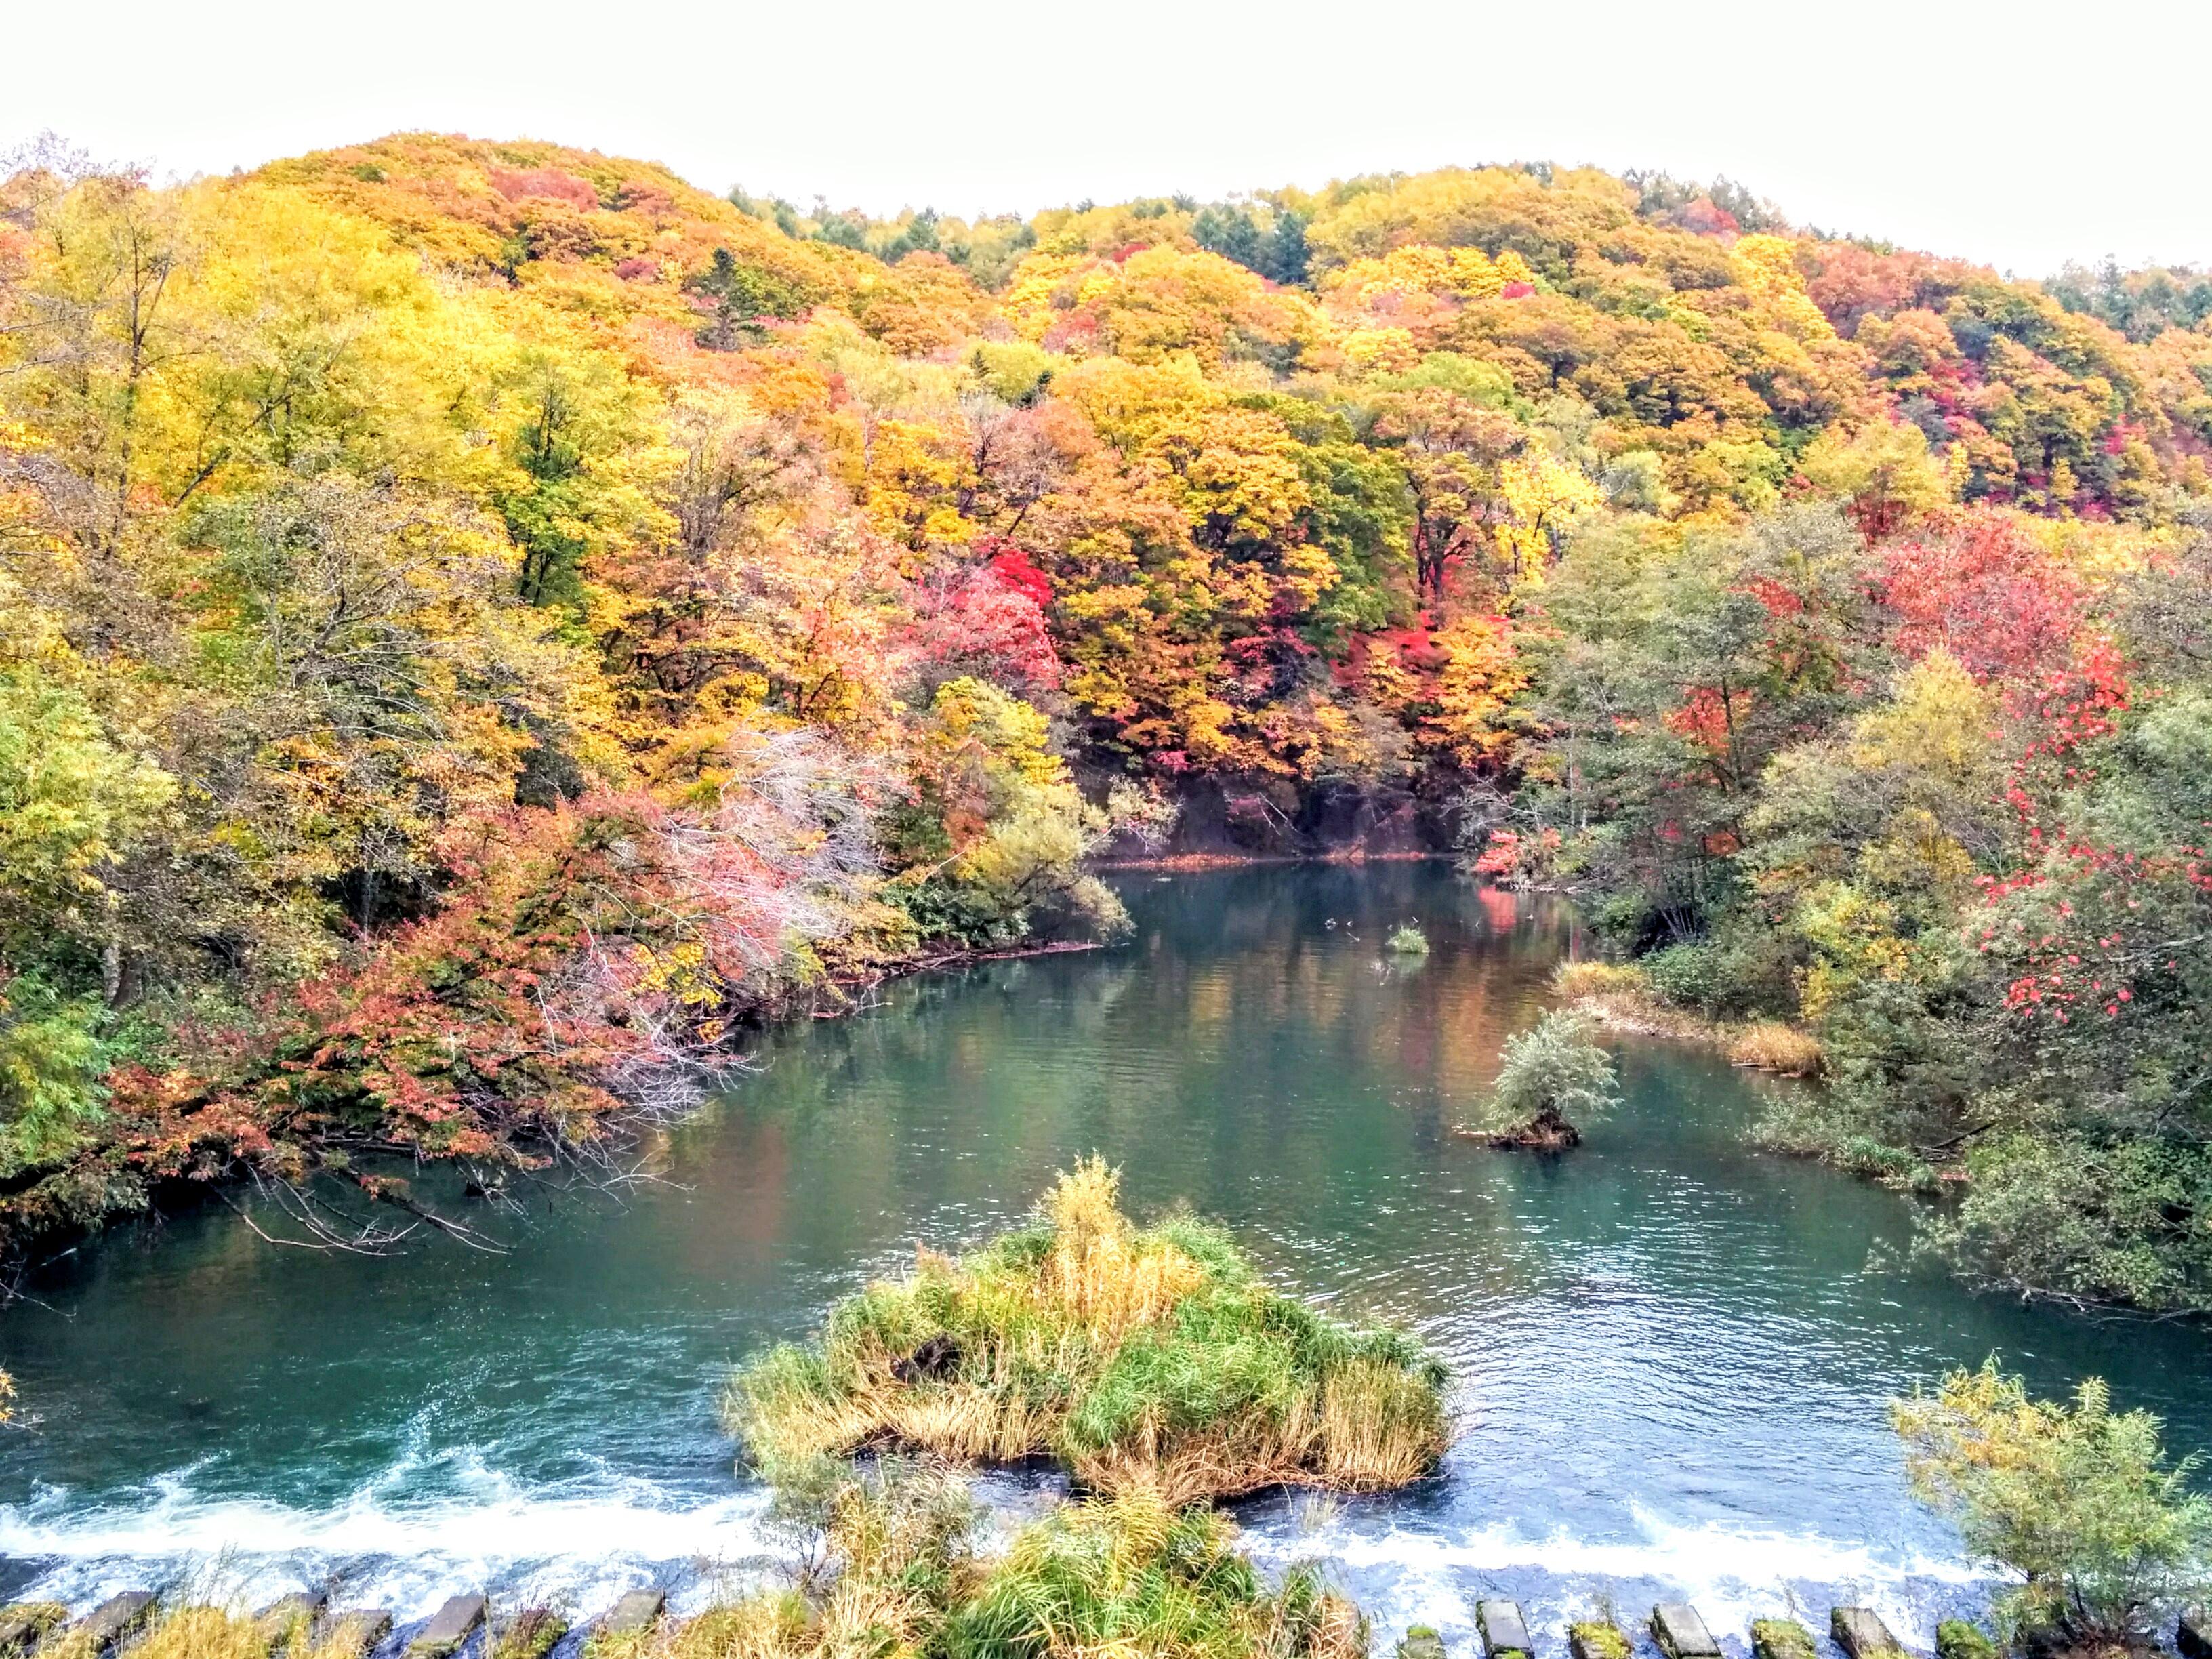 【恵庭市】紅葉の恵庭渓谷周辺観光案内です。